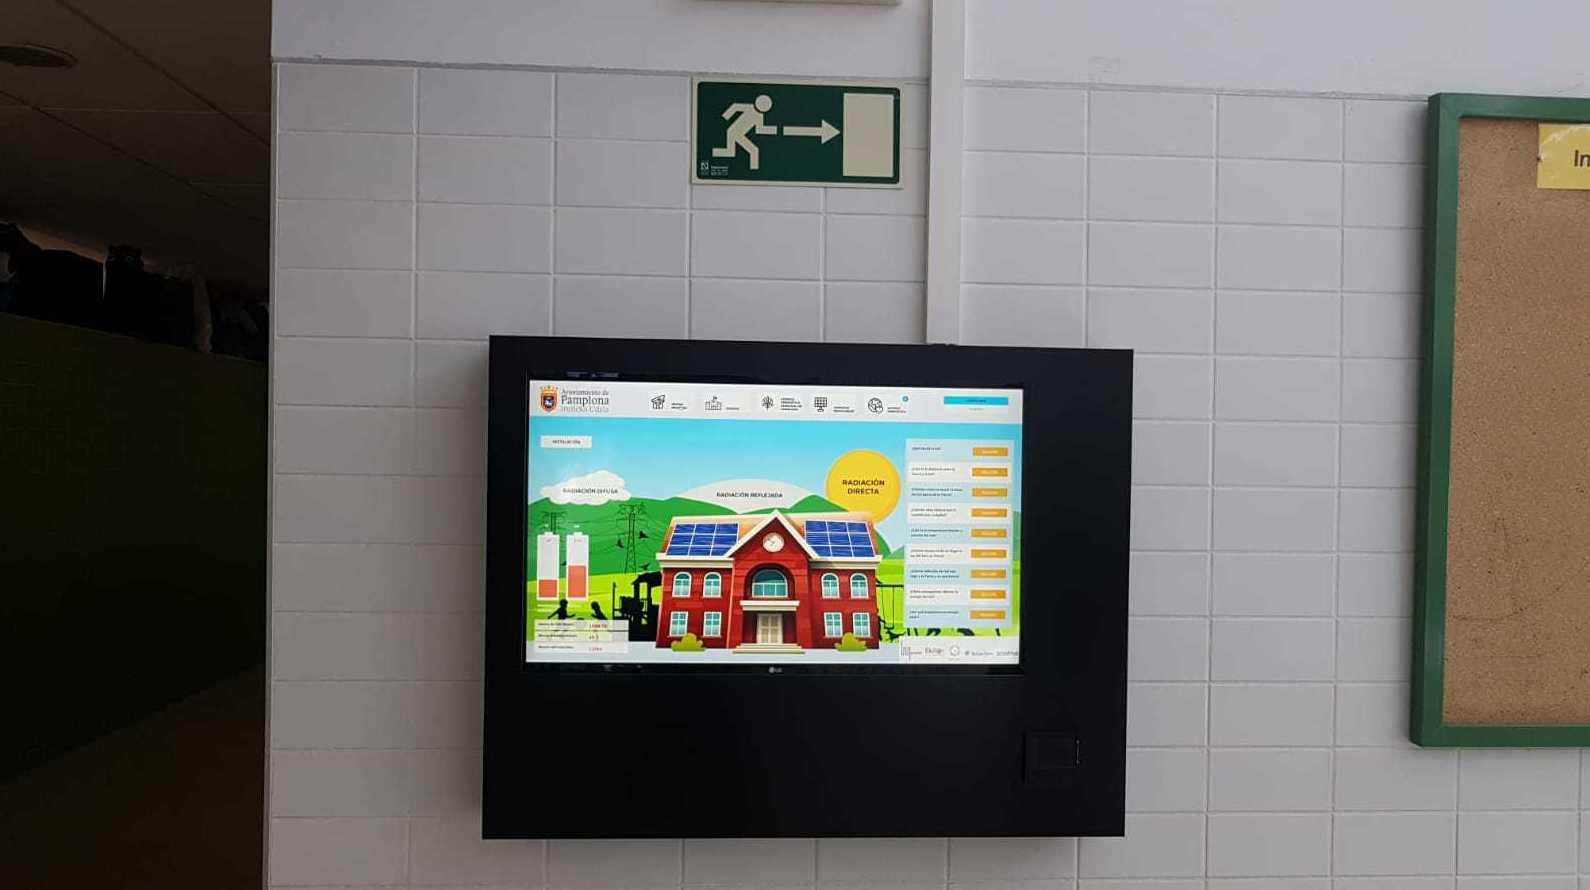 Adjudicataria para instalación de paneles solares fotovoltaica para autoconsumo en el colegio Bernat Etxepare, Pamplona